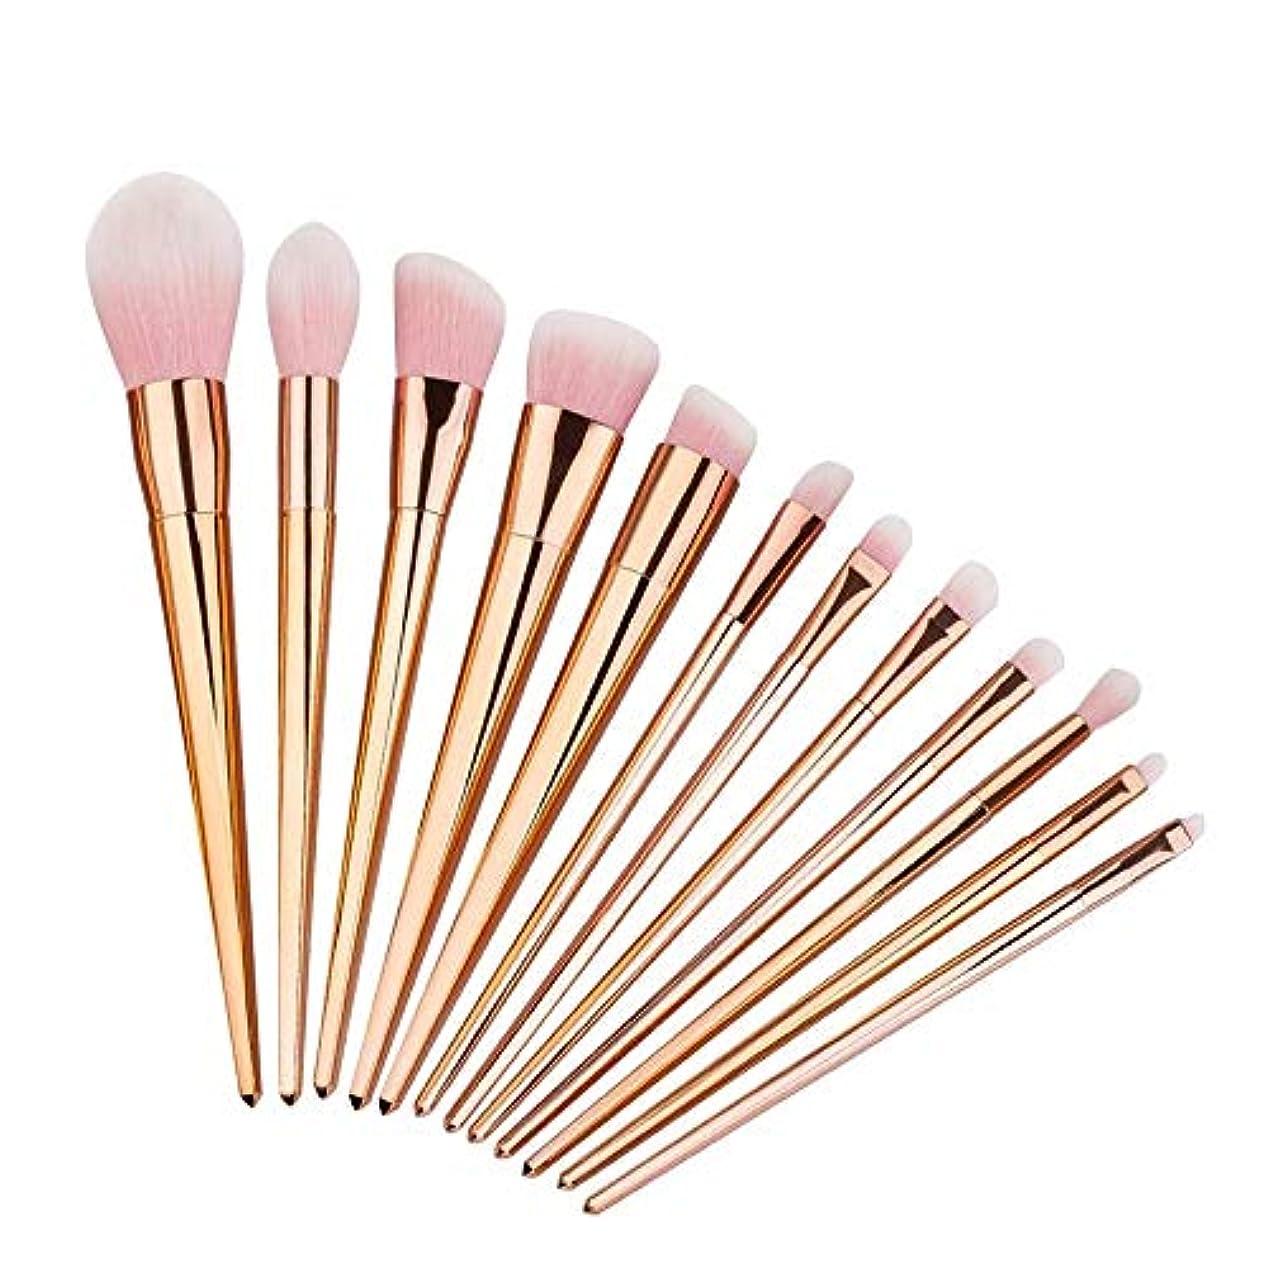 暴徒叫ぶインタフェースプロフェッショナル メイクブラシ 化粧筆 シリーズ 化粧ブラシセット 高級タクロン 超柔らかい 可愛い リップブラシツール 12本セット